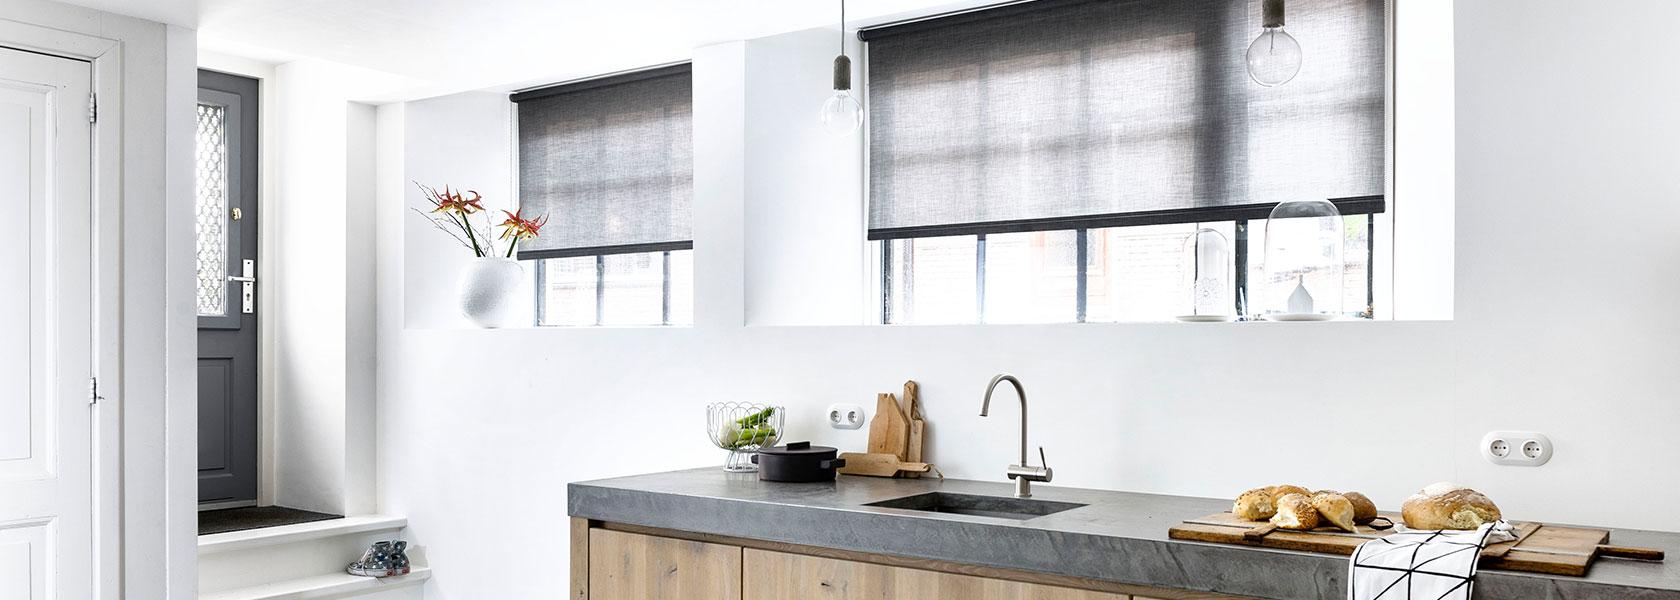 Får ideer til nye gardiner, persienner eller solafskærmning i vores butik